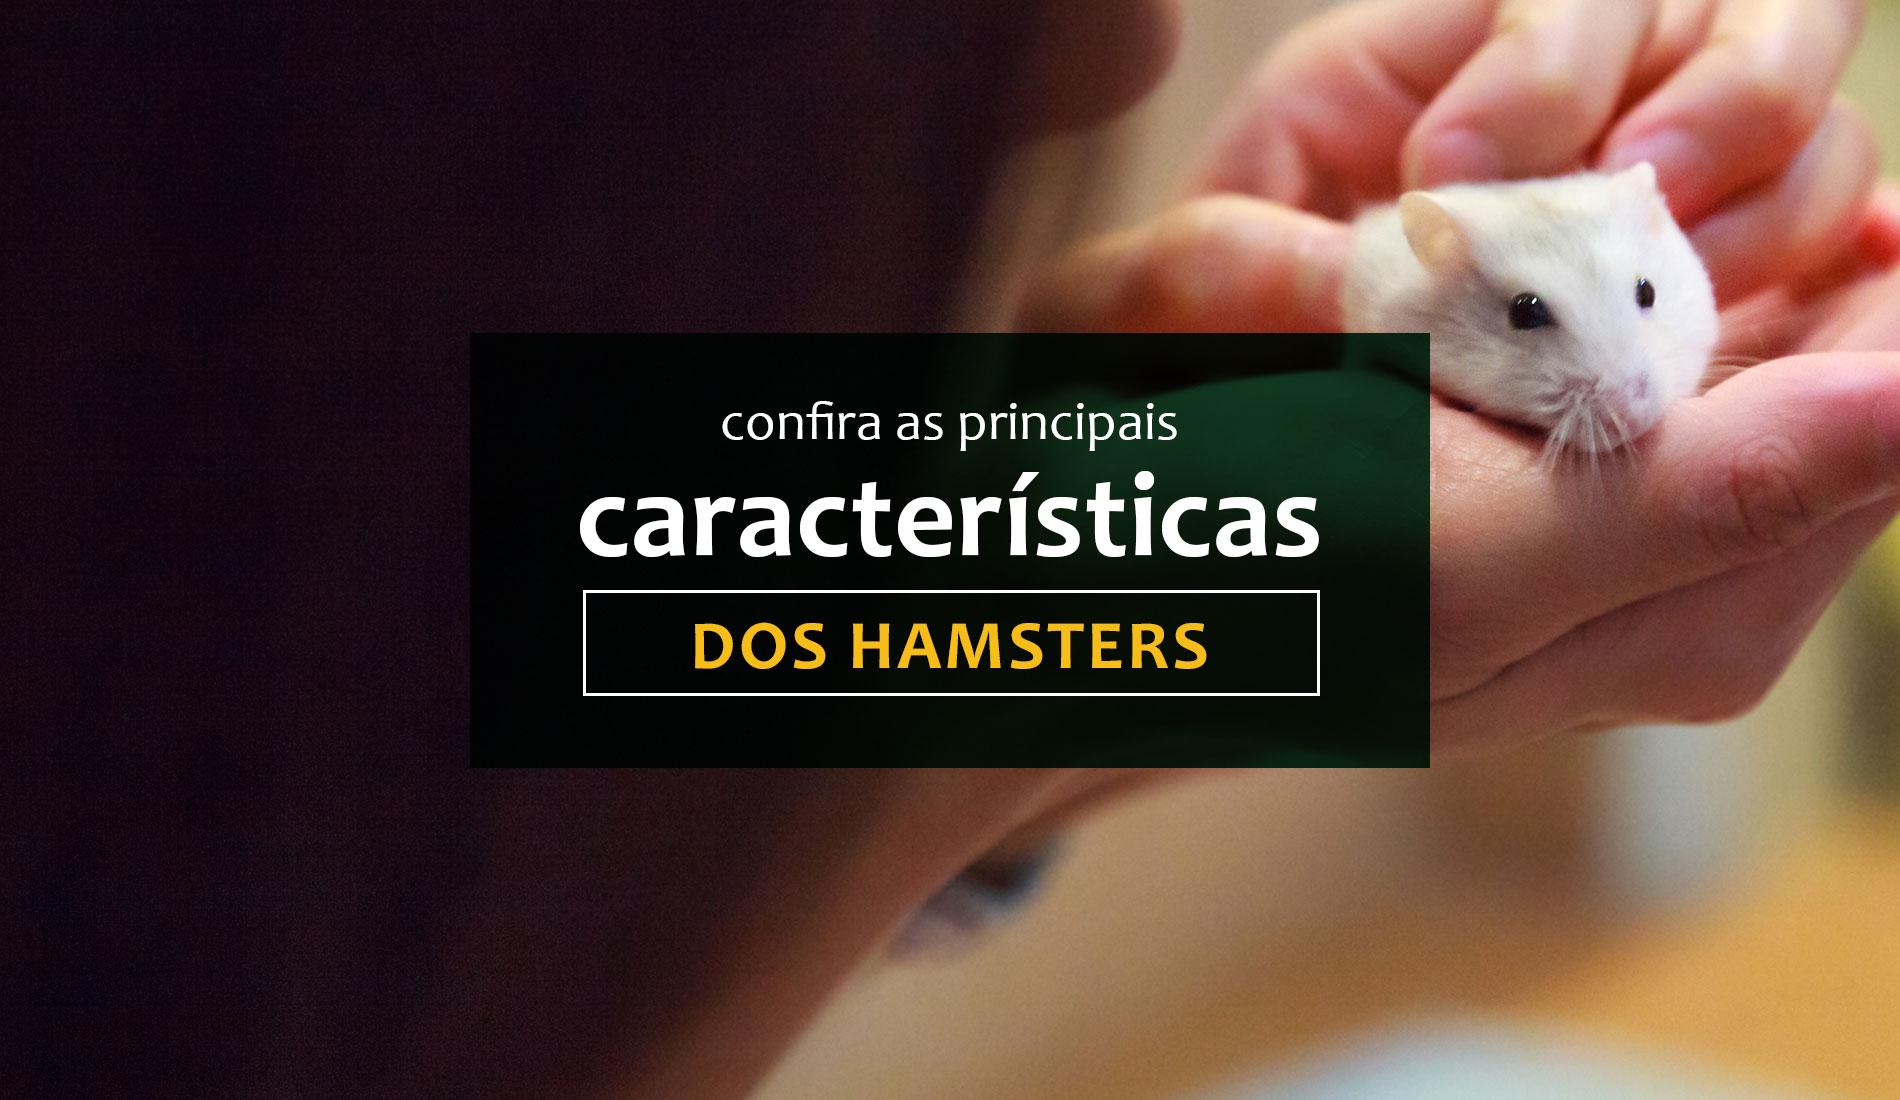 Confira as principais características dos Hamsters